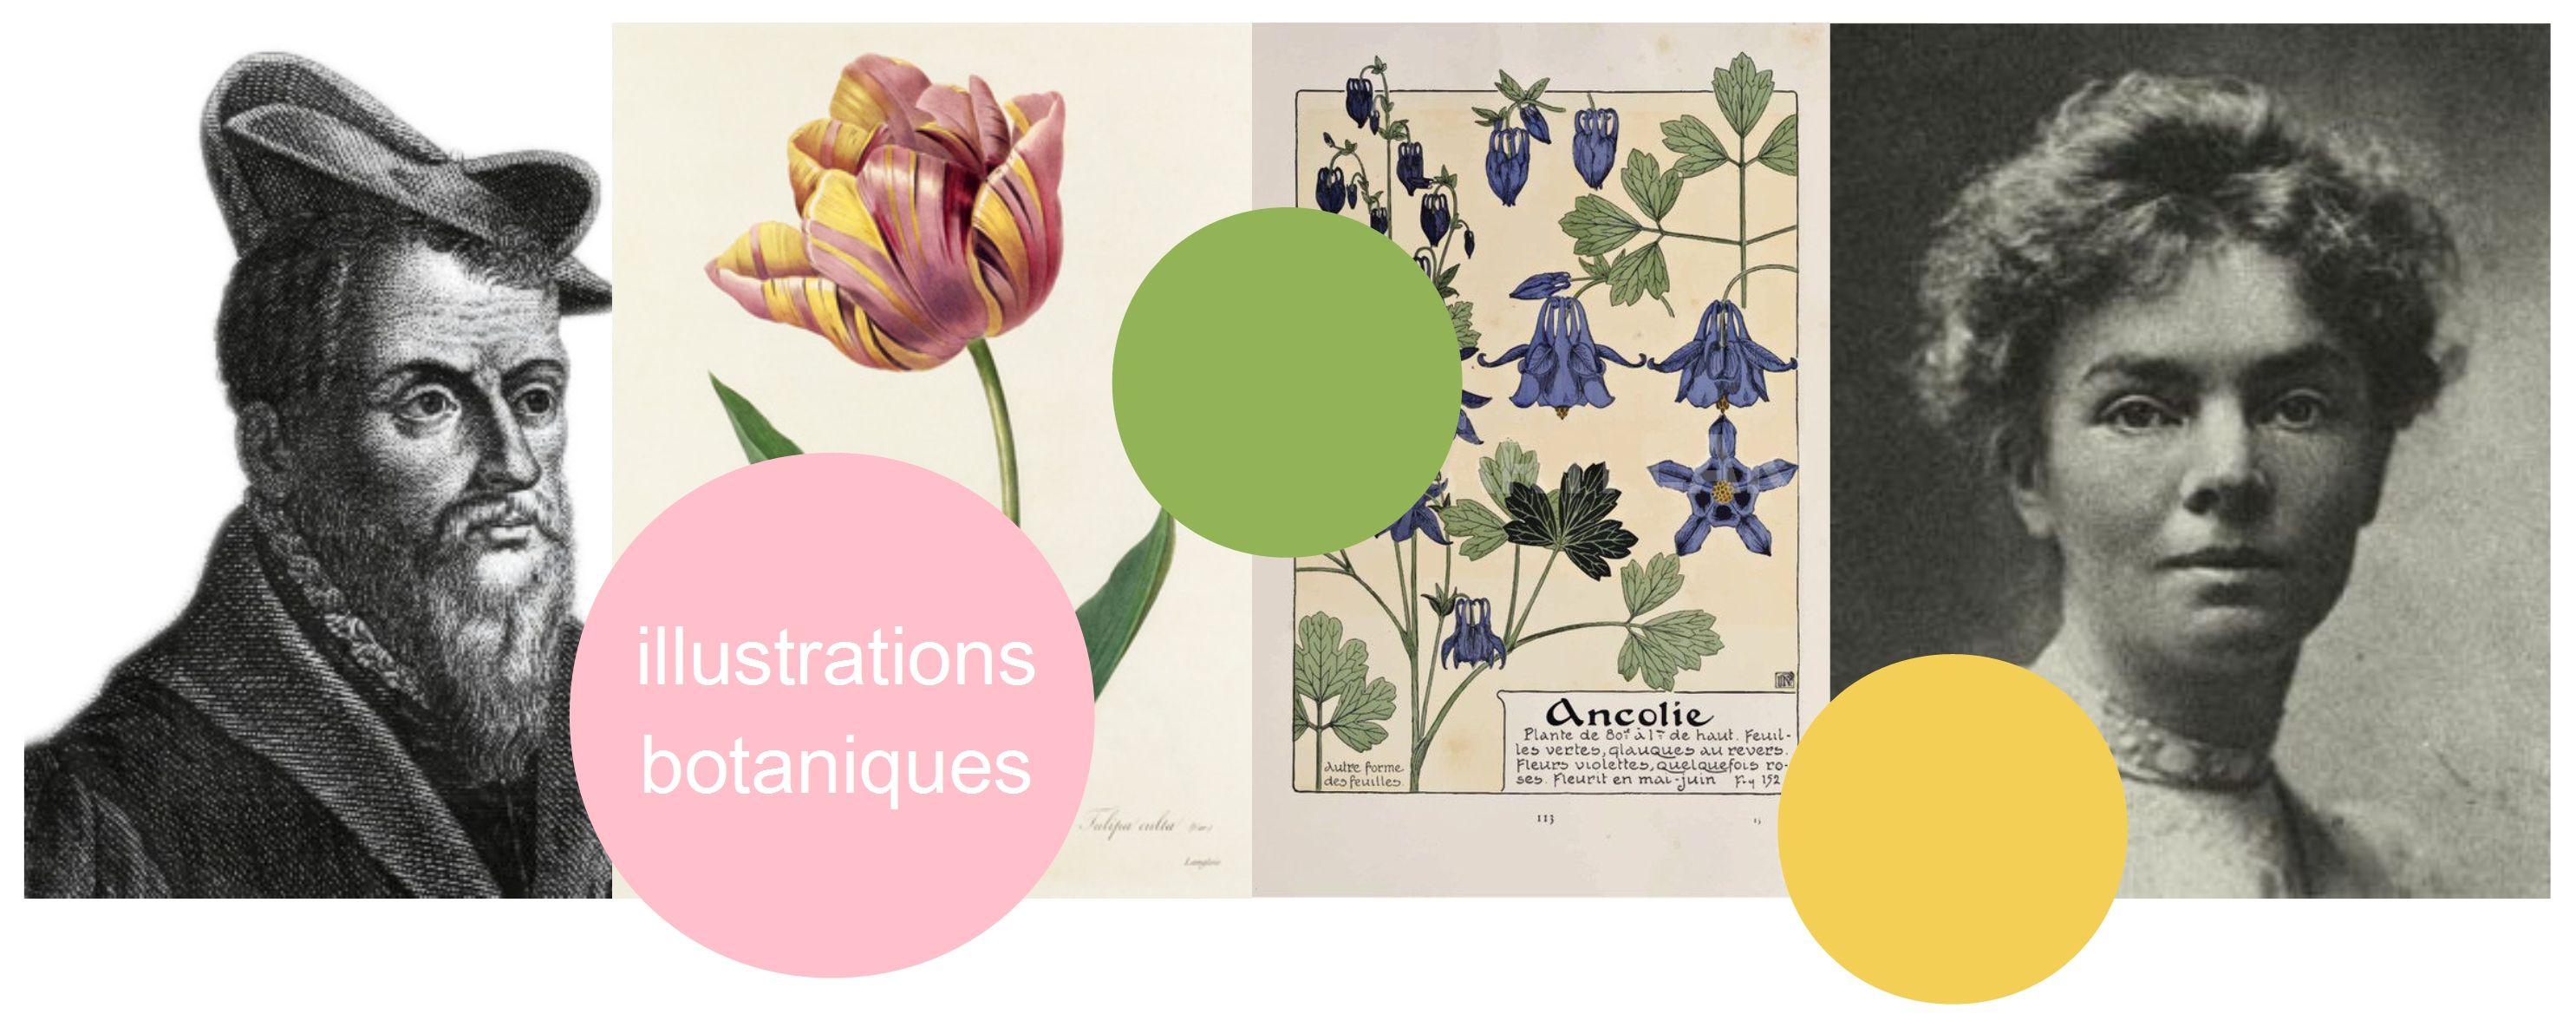 eric billion sculpteur histoire illustration botanique